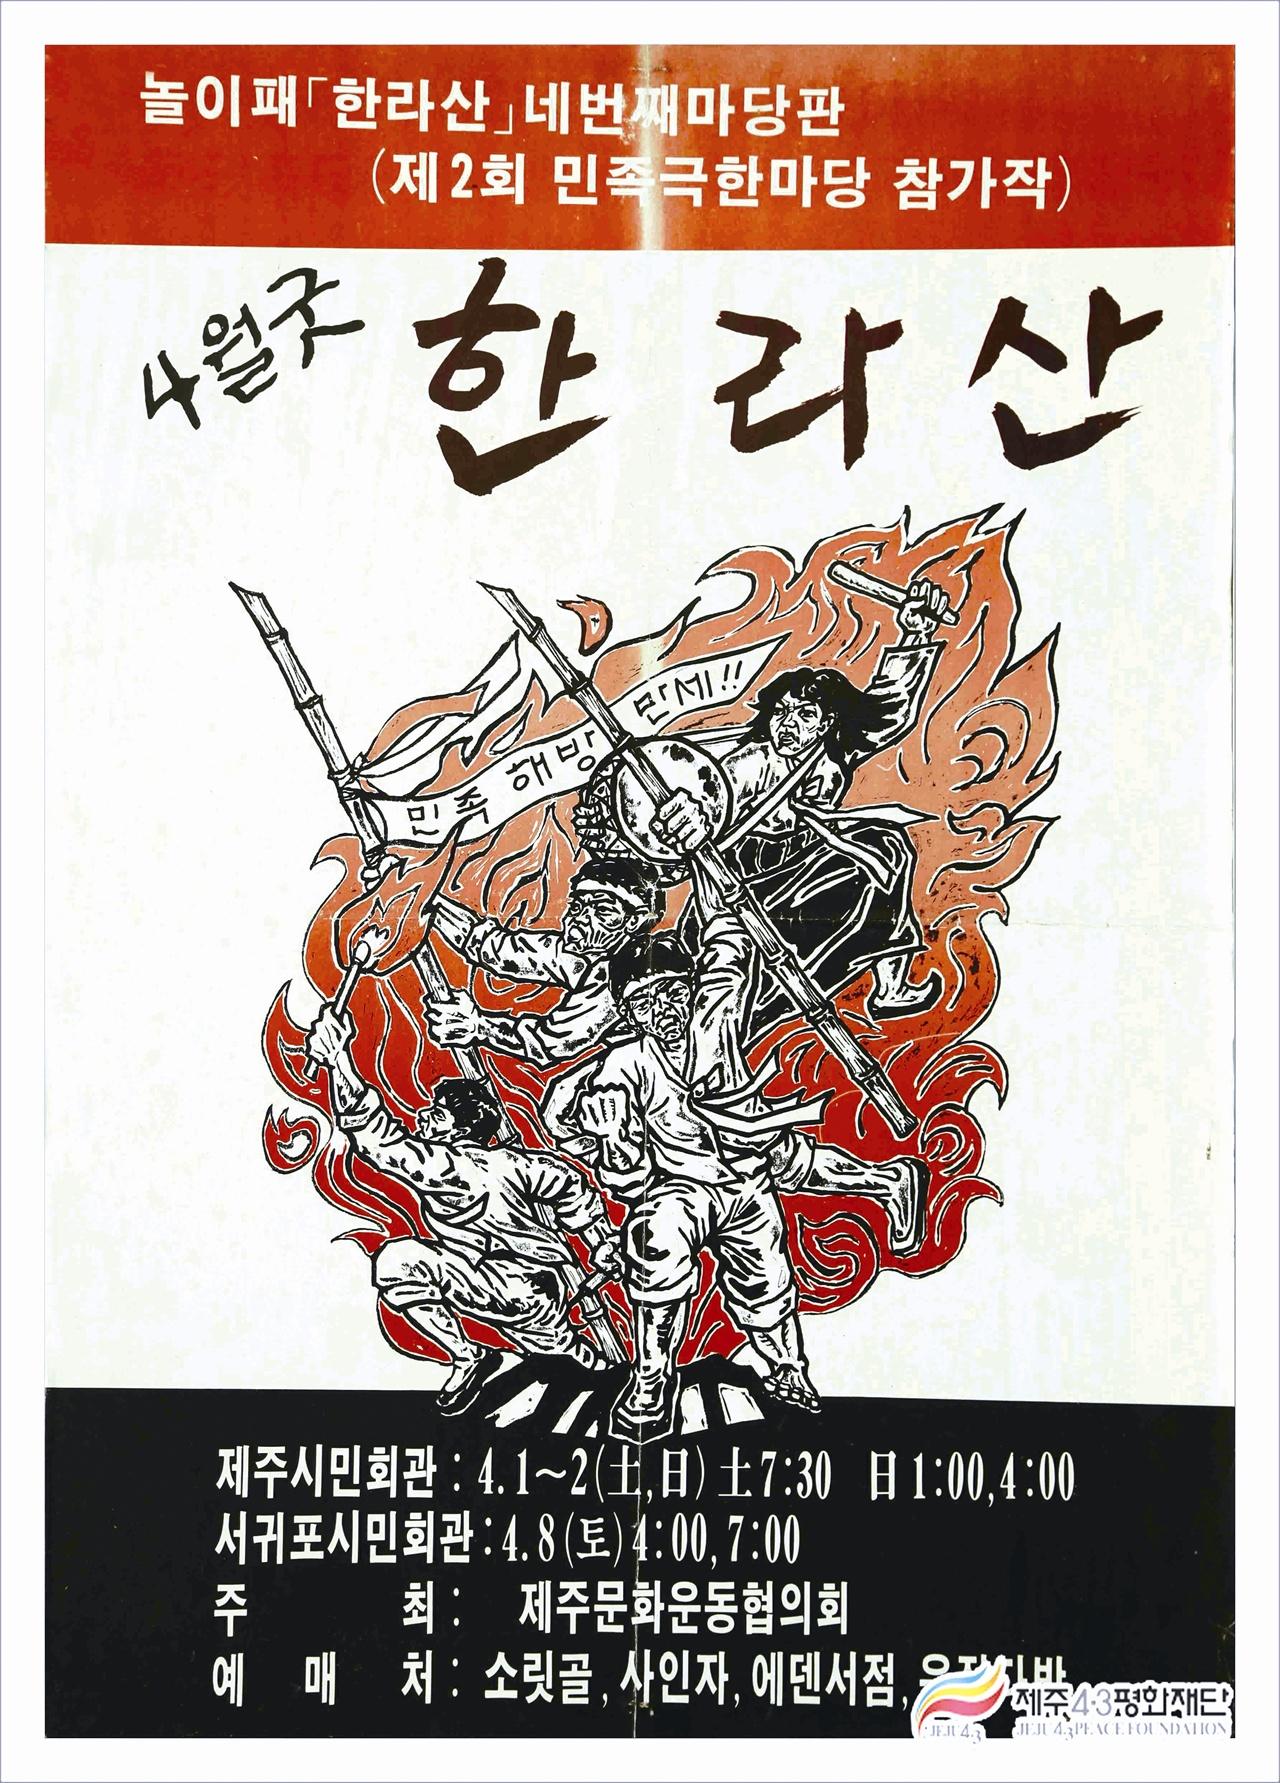 <4월굿 한라산> 포스터 놀이패 한라산 네 번째 마당판